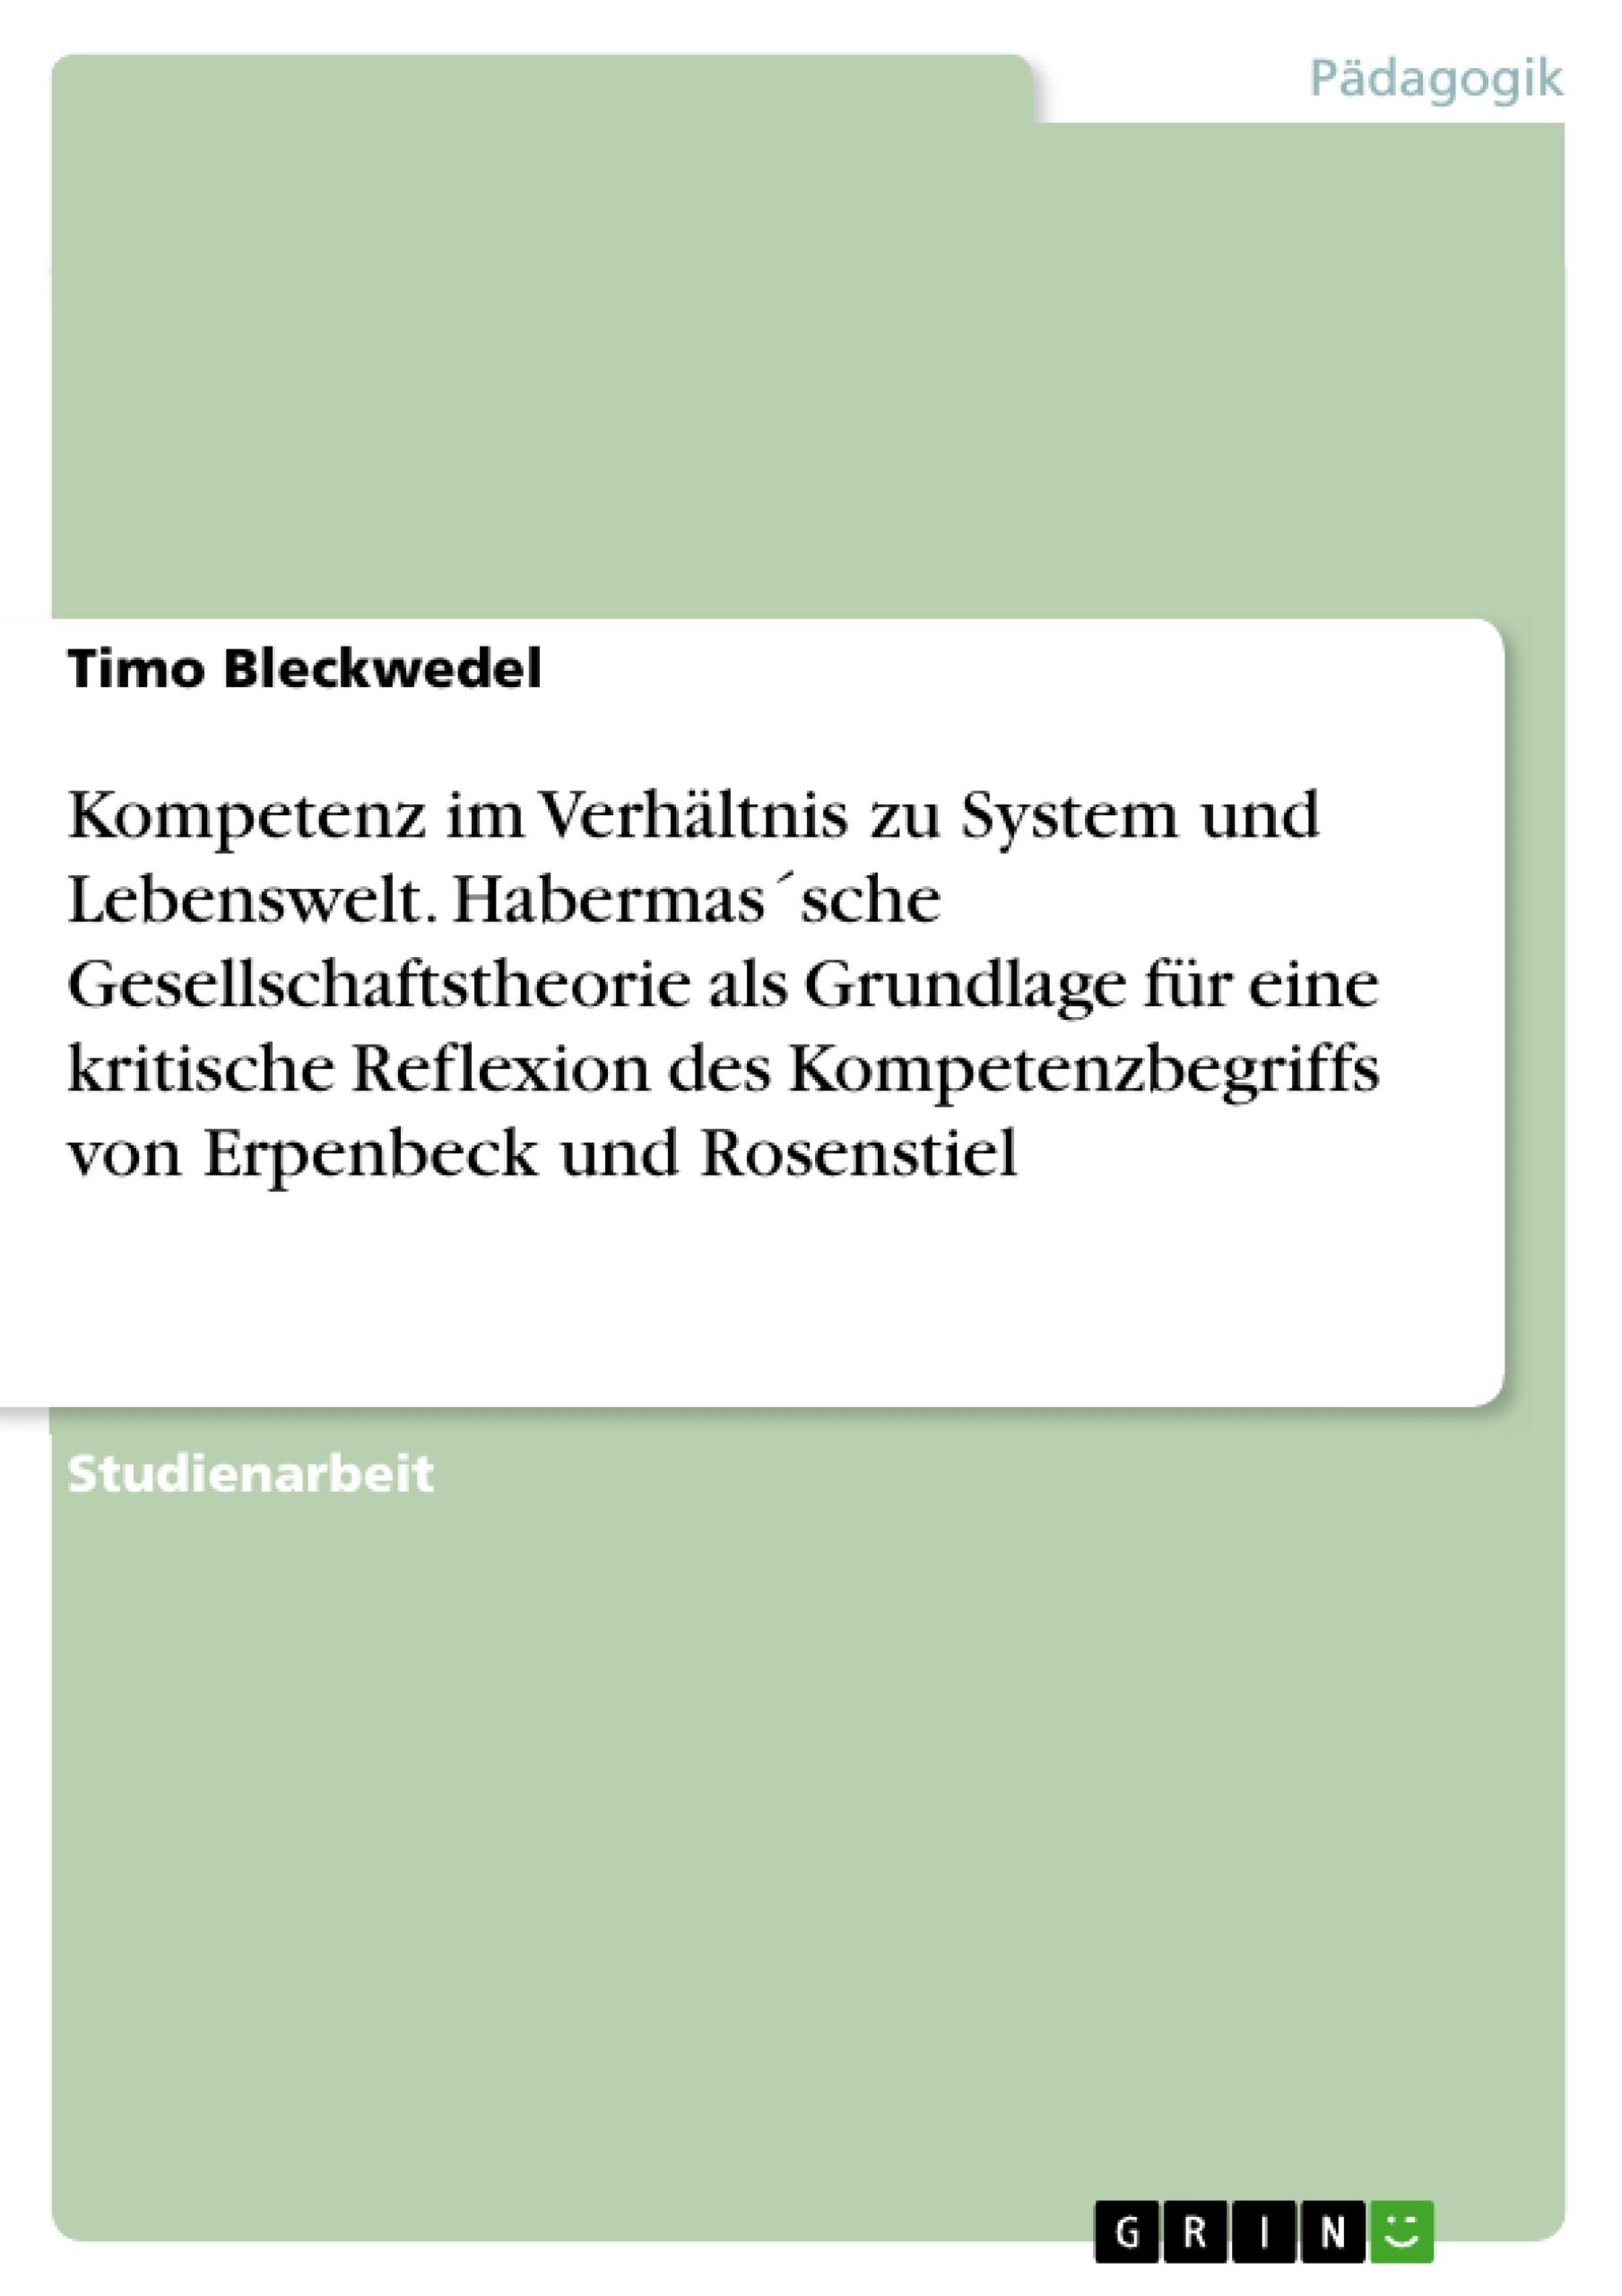 Titel: Kompetenz im Verhältnis zu System und Lebenswelt. Habermas´sche Gesellschaftstheorie als Grundlage für eine kritische Reflexion des Kompetenzbegriffs von Erpenbeck und Rosenstiel